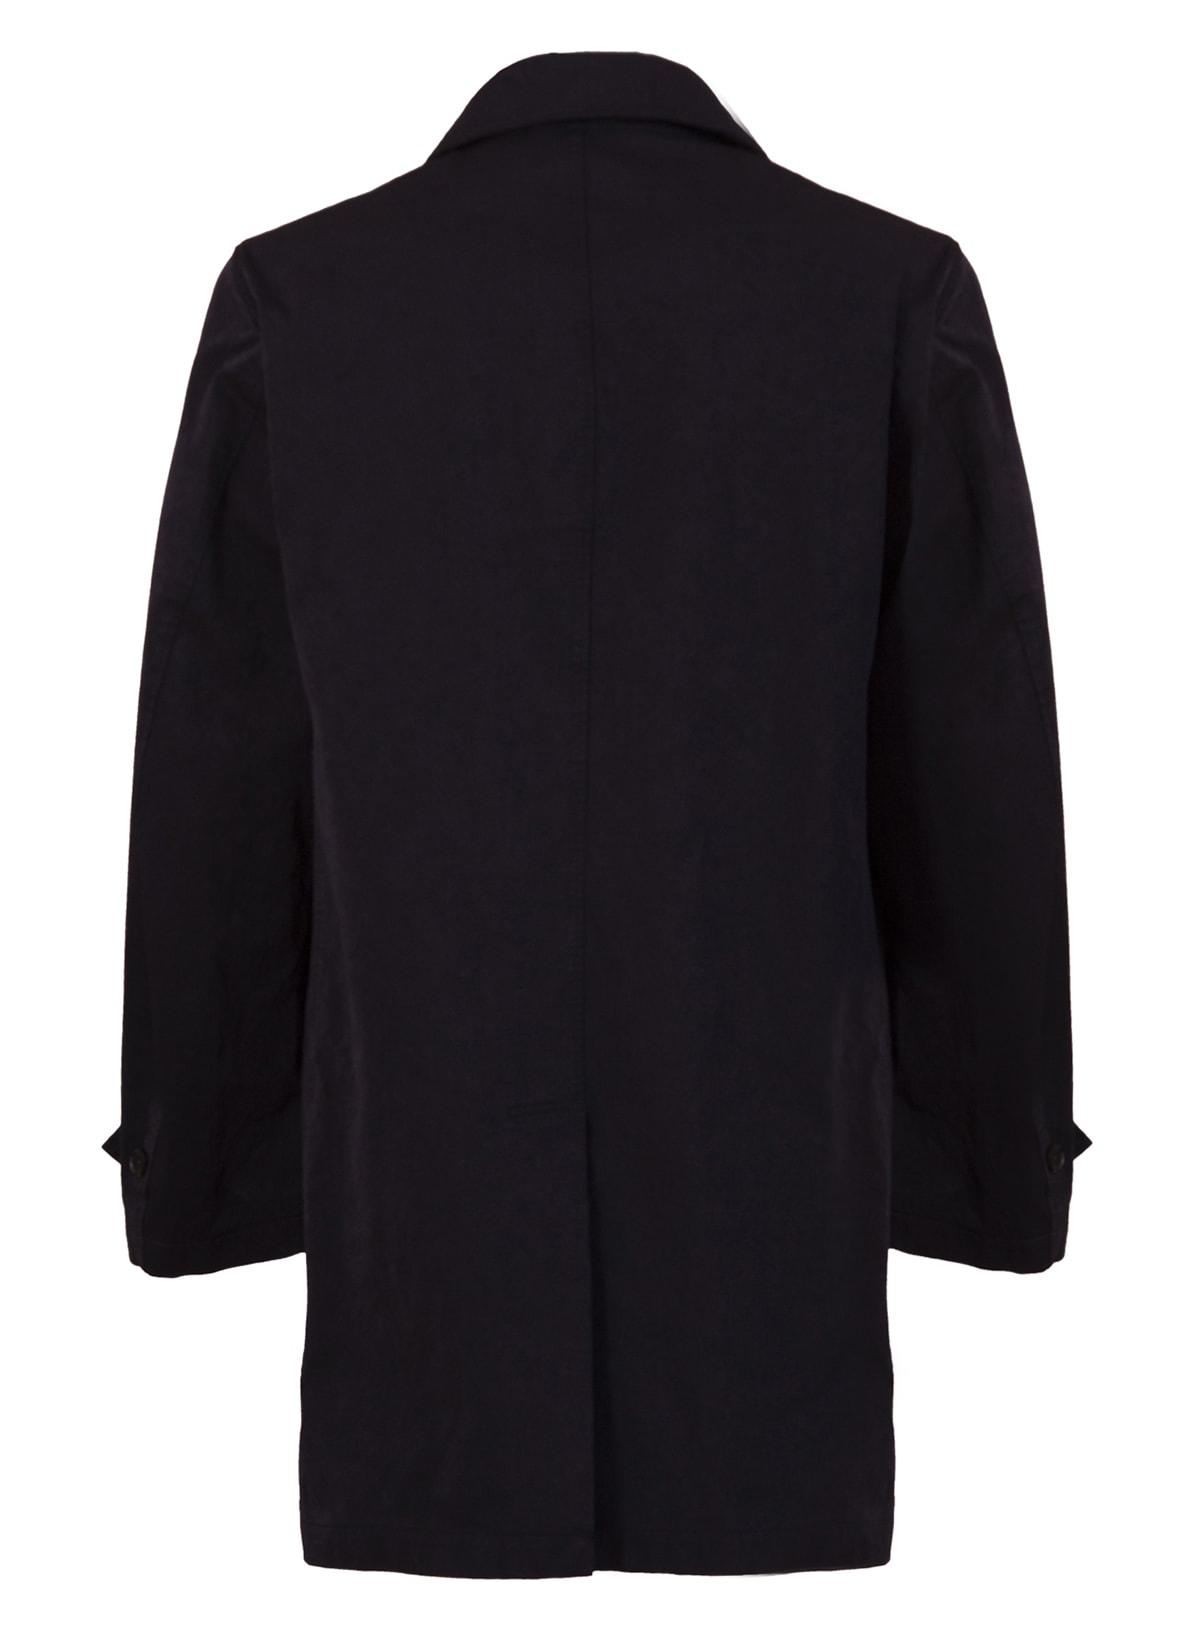 Particular Ten C Parka Coat - Top Quality